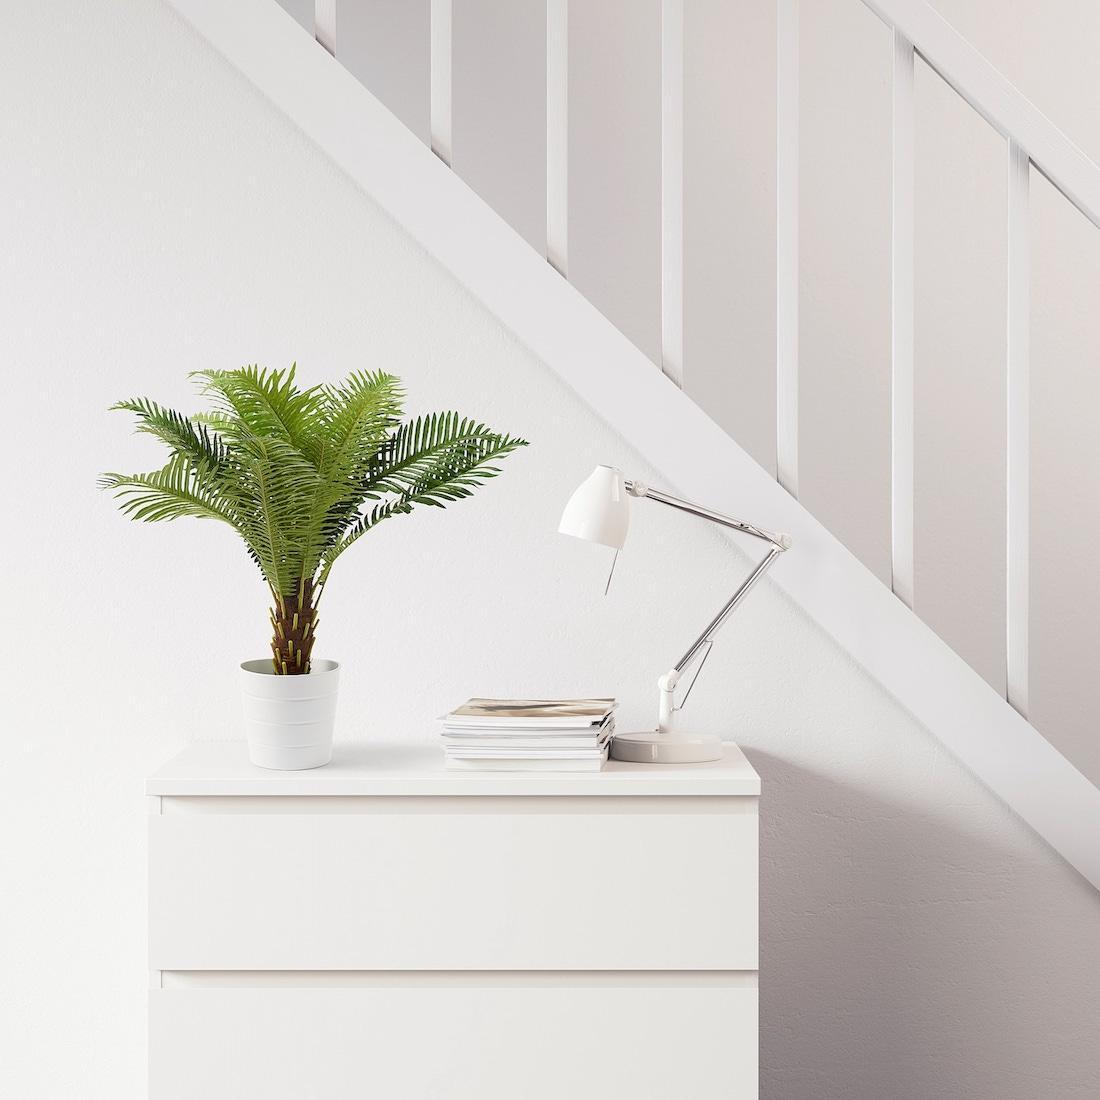 Pianta artificiale FEJKA, palma - Design e foto by Ikea